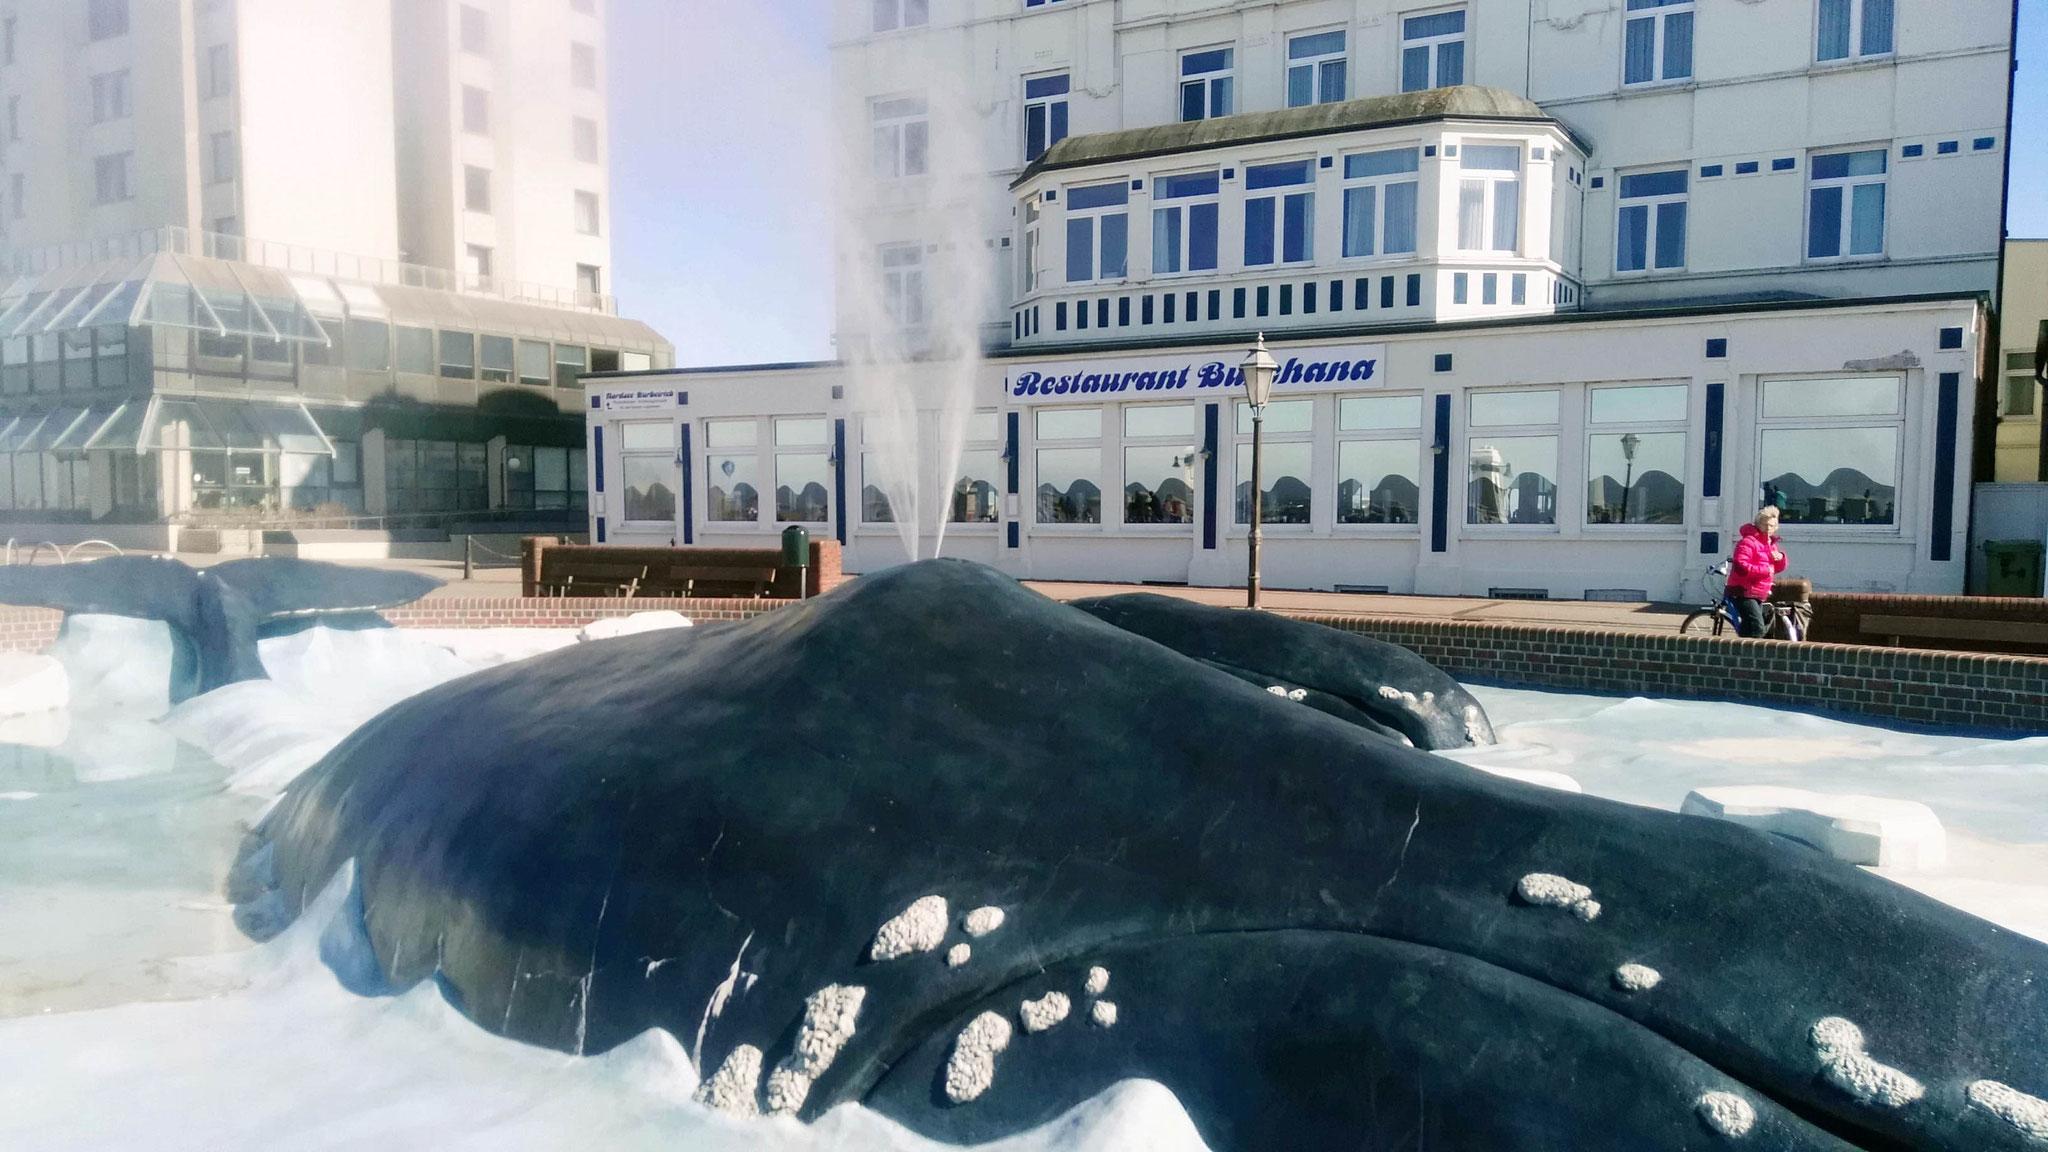 Walfischbrunnen